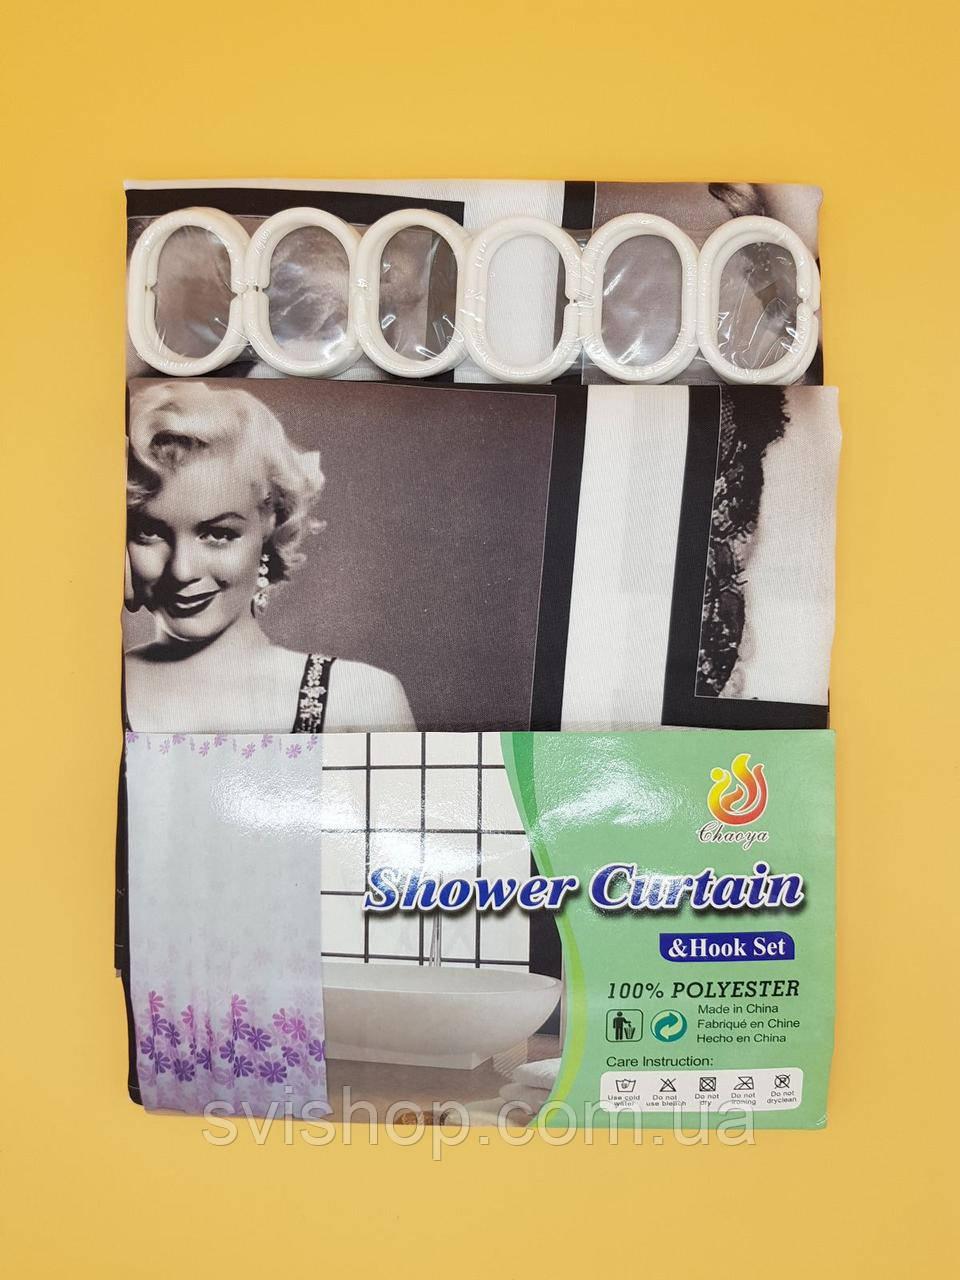 Штора для ванной комнаты тканевая '' Мерлин Монро '' размер 180х180см. Цвет черно-белый.